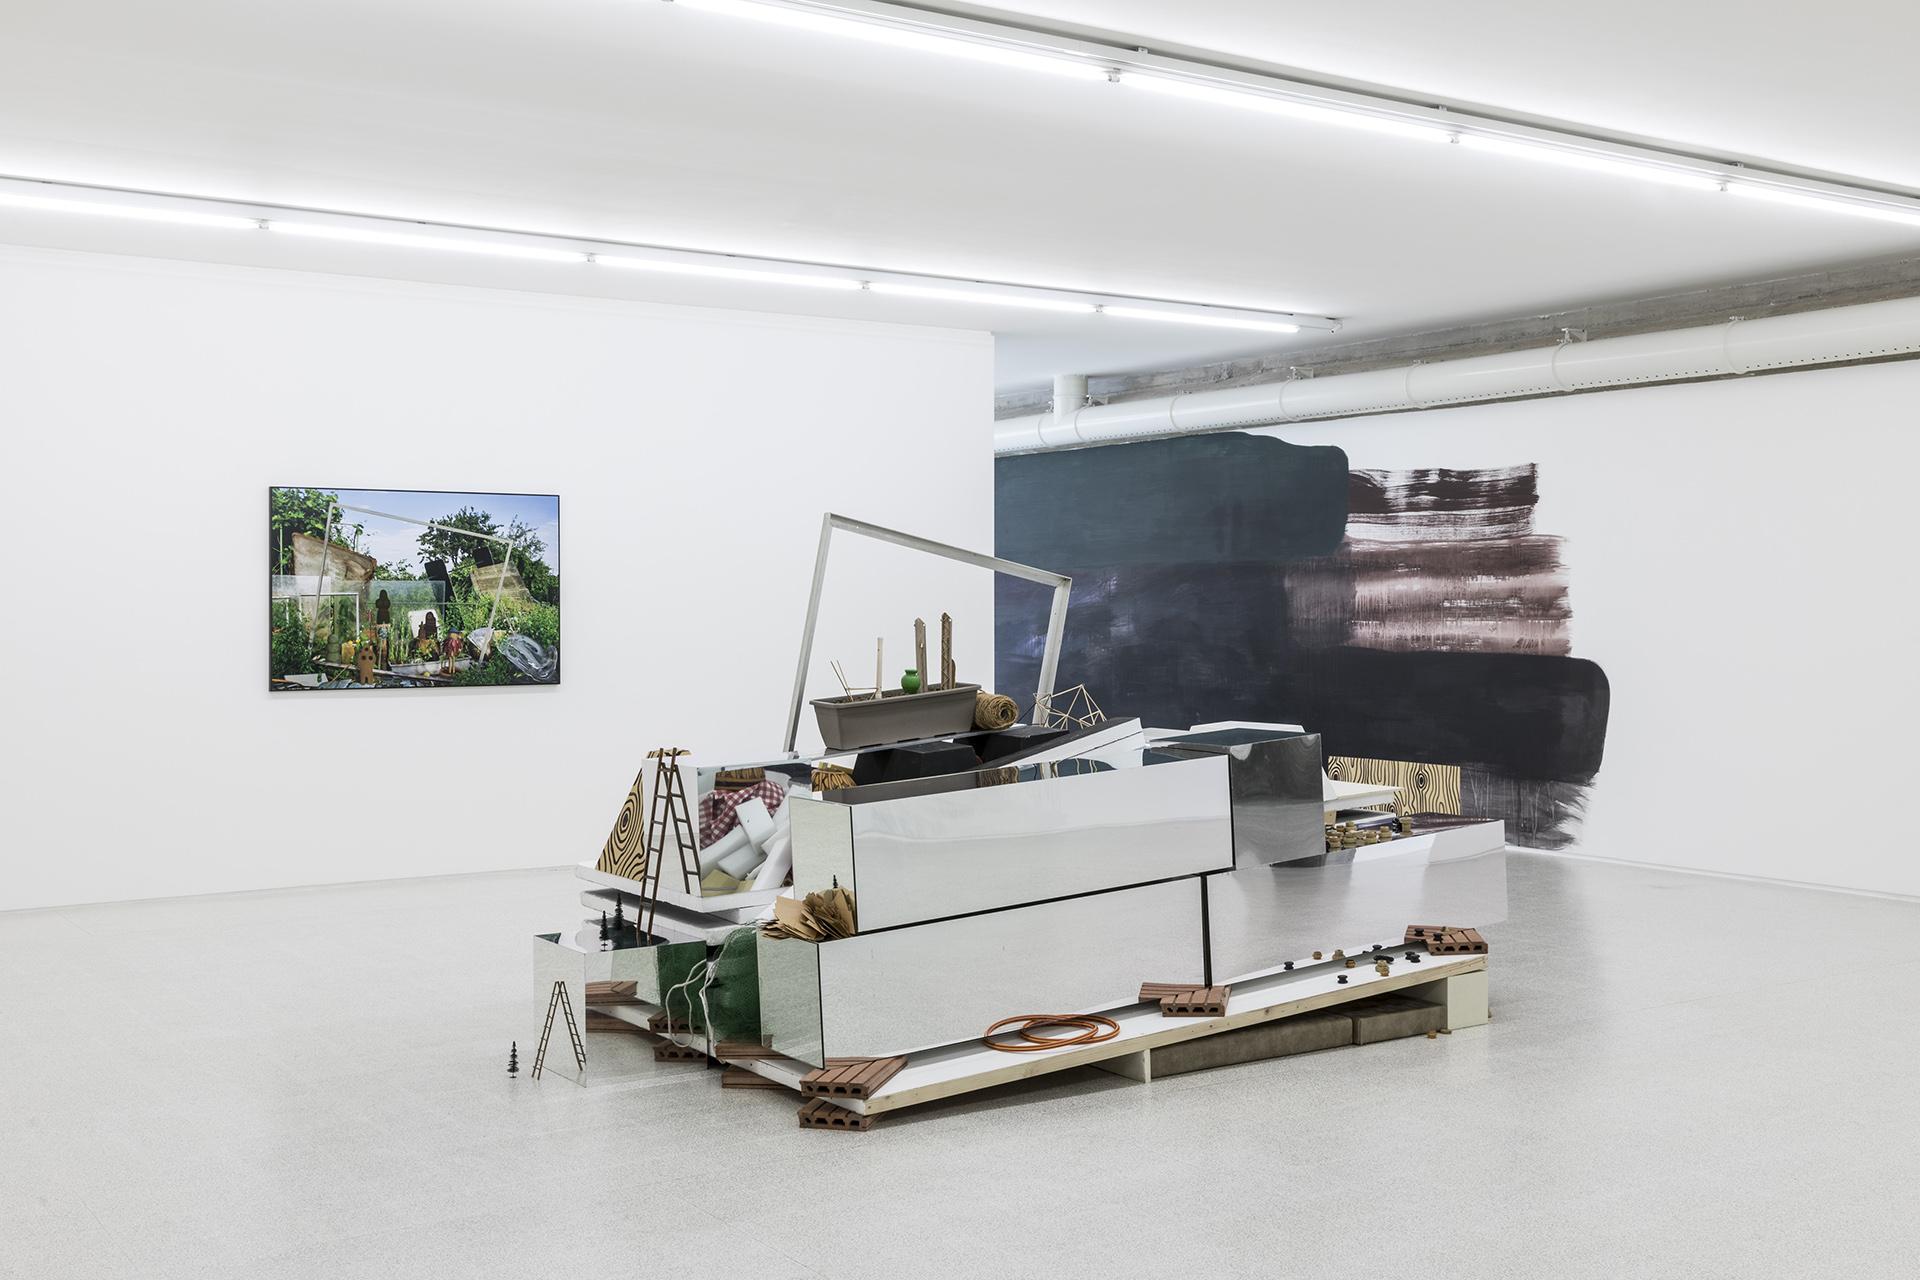 Lutz & Guggisberg, il giardino, Ausstellungsansicht, Collezione Maramotti, Reggio Emilia, April 2018 (Foto: Roberto Marossi)